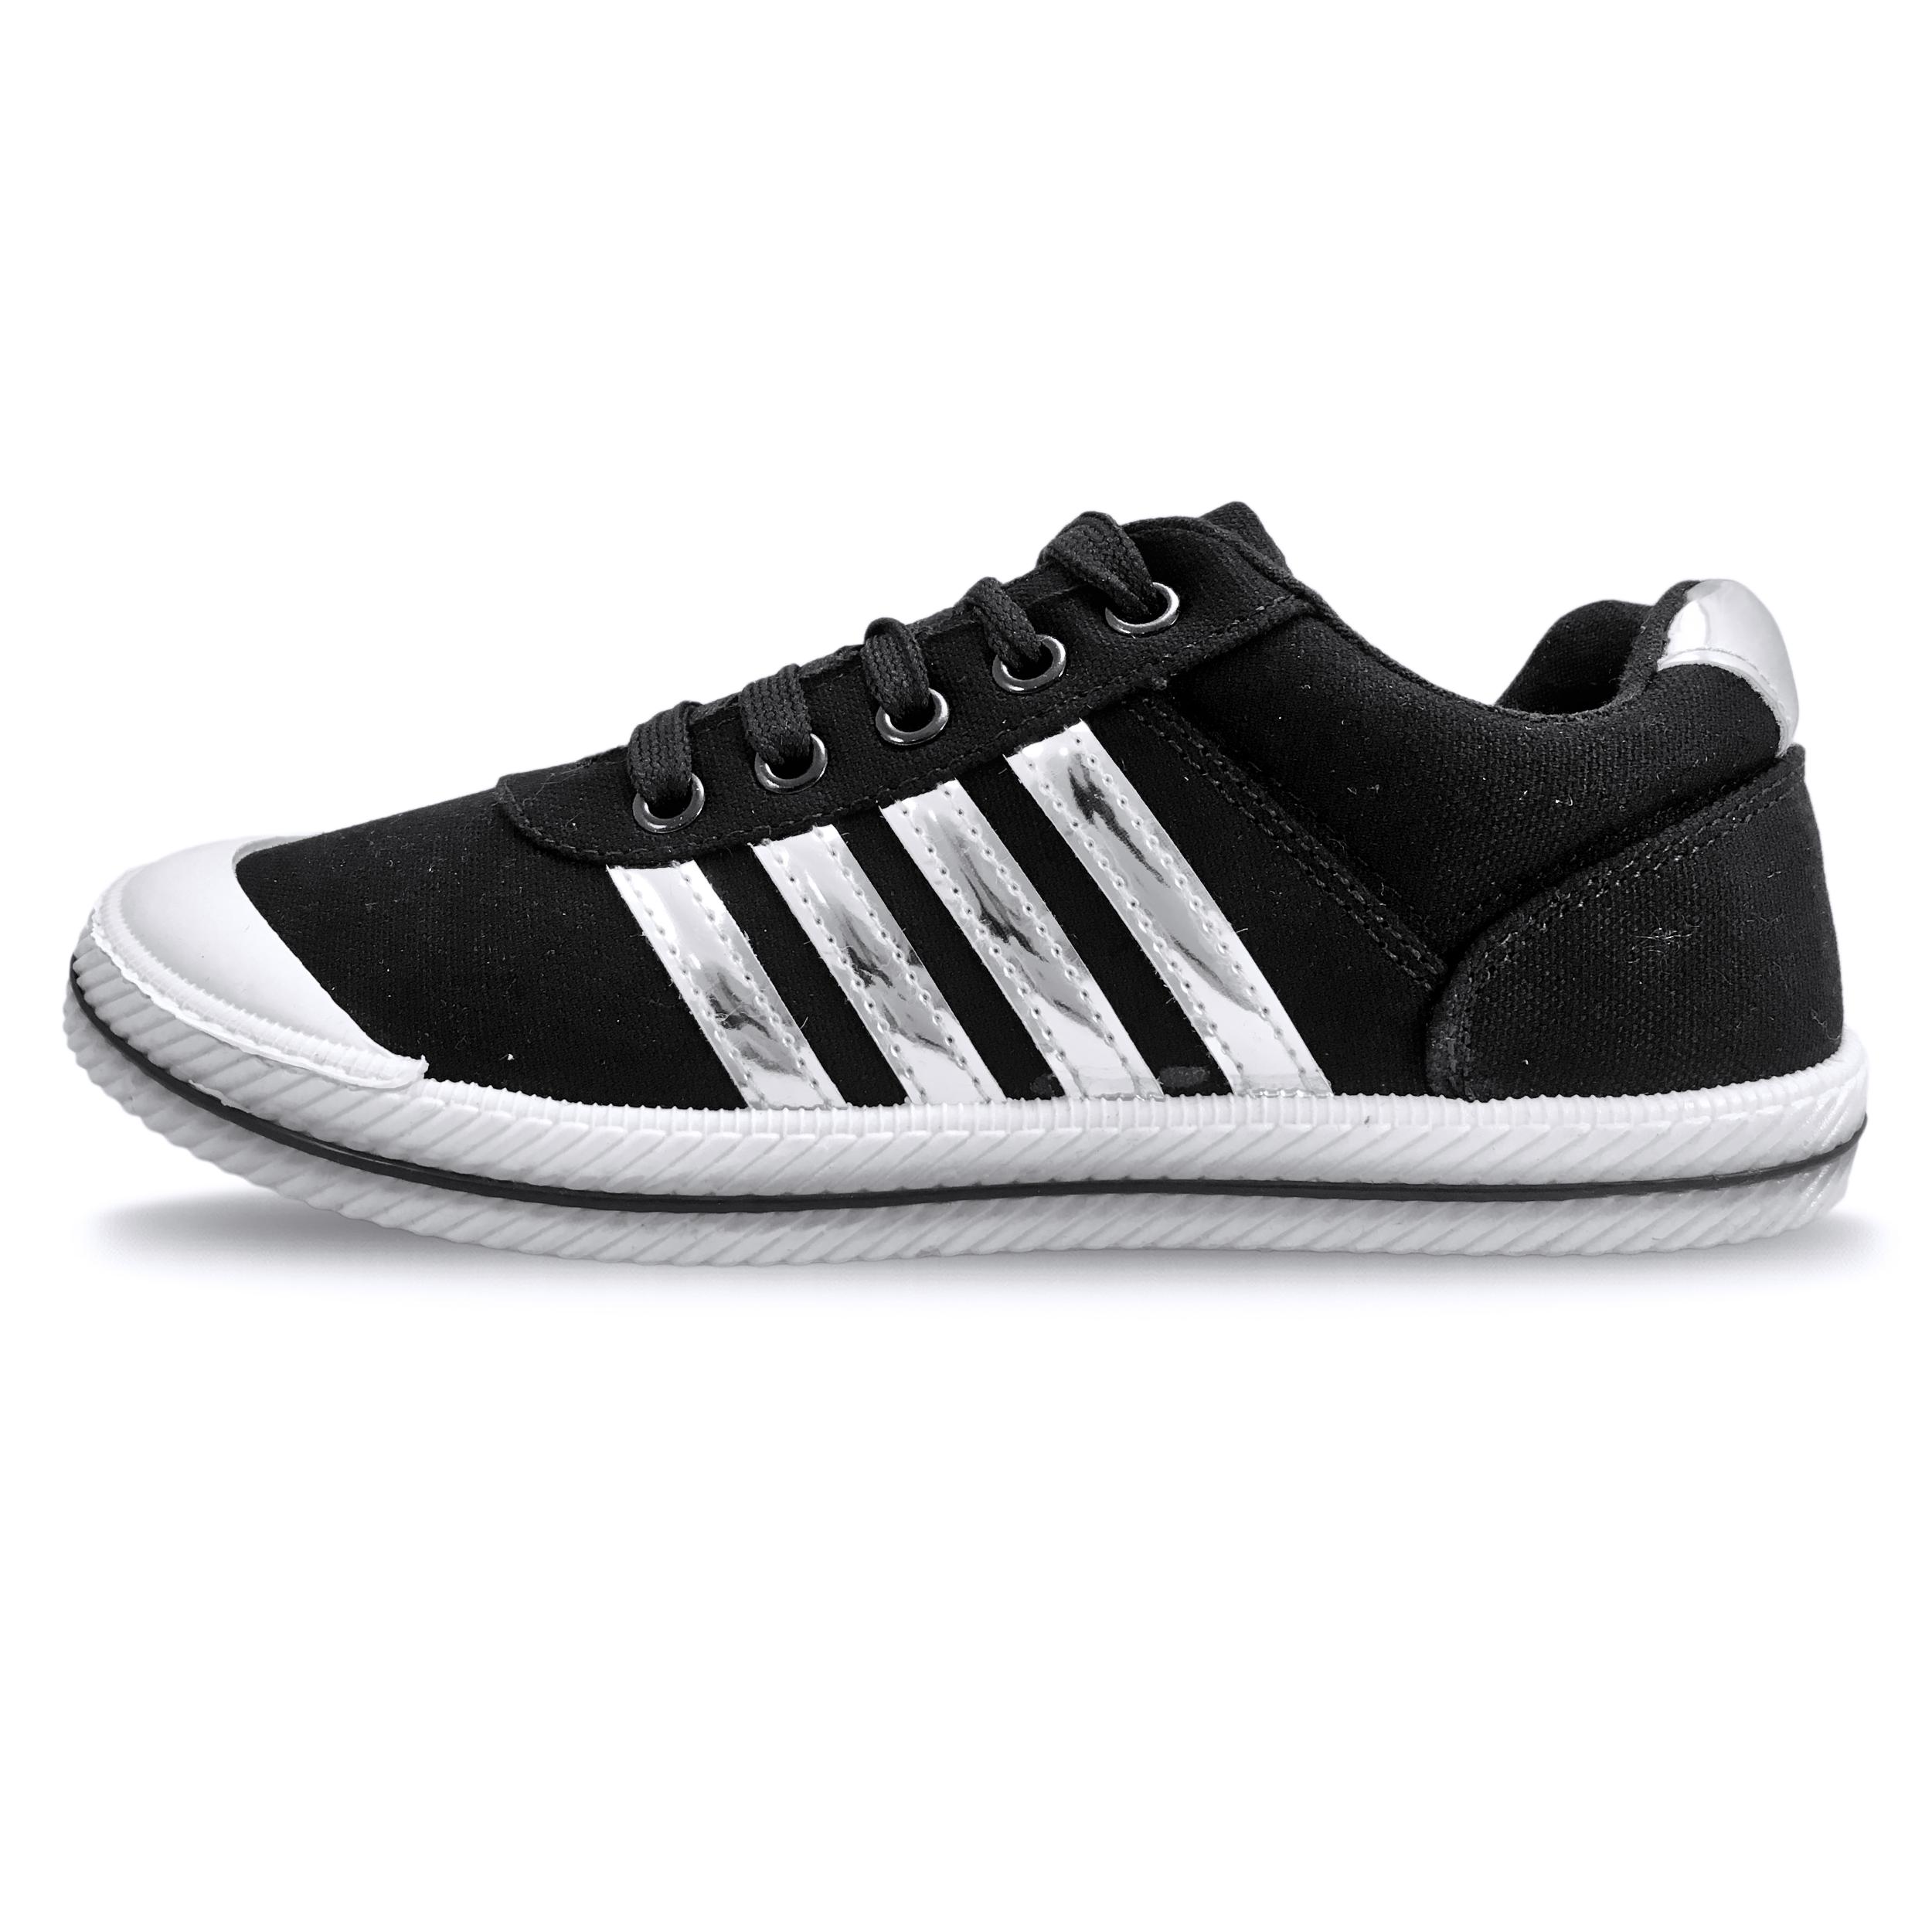 خرید کفش مخصوص پیاده روی زنانه نسیم مدل پاییزان کد 3674